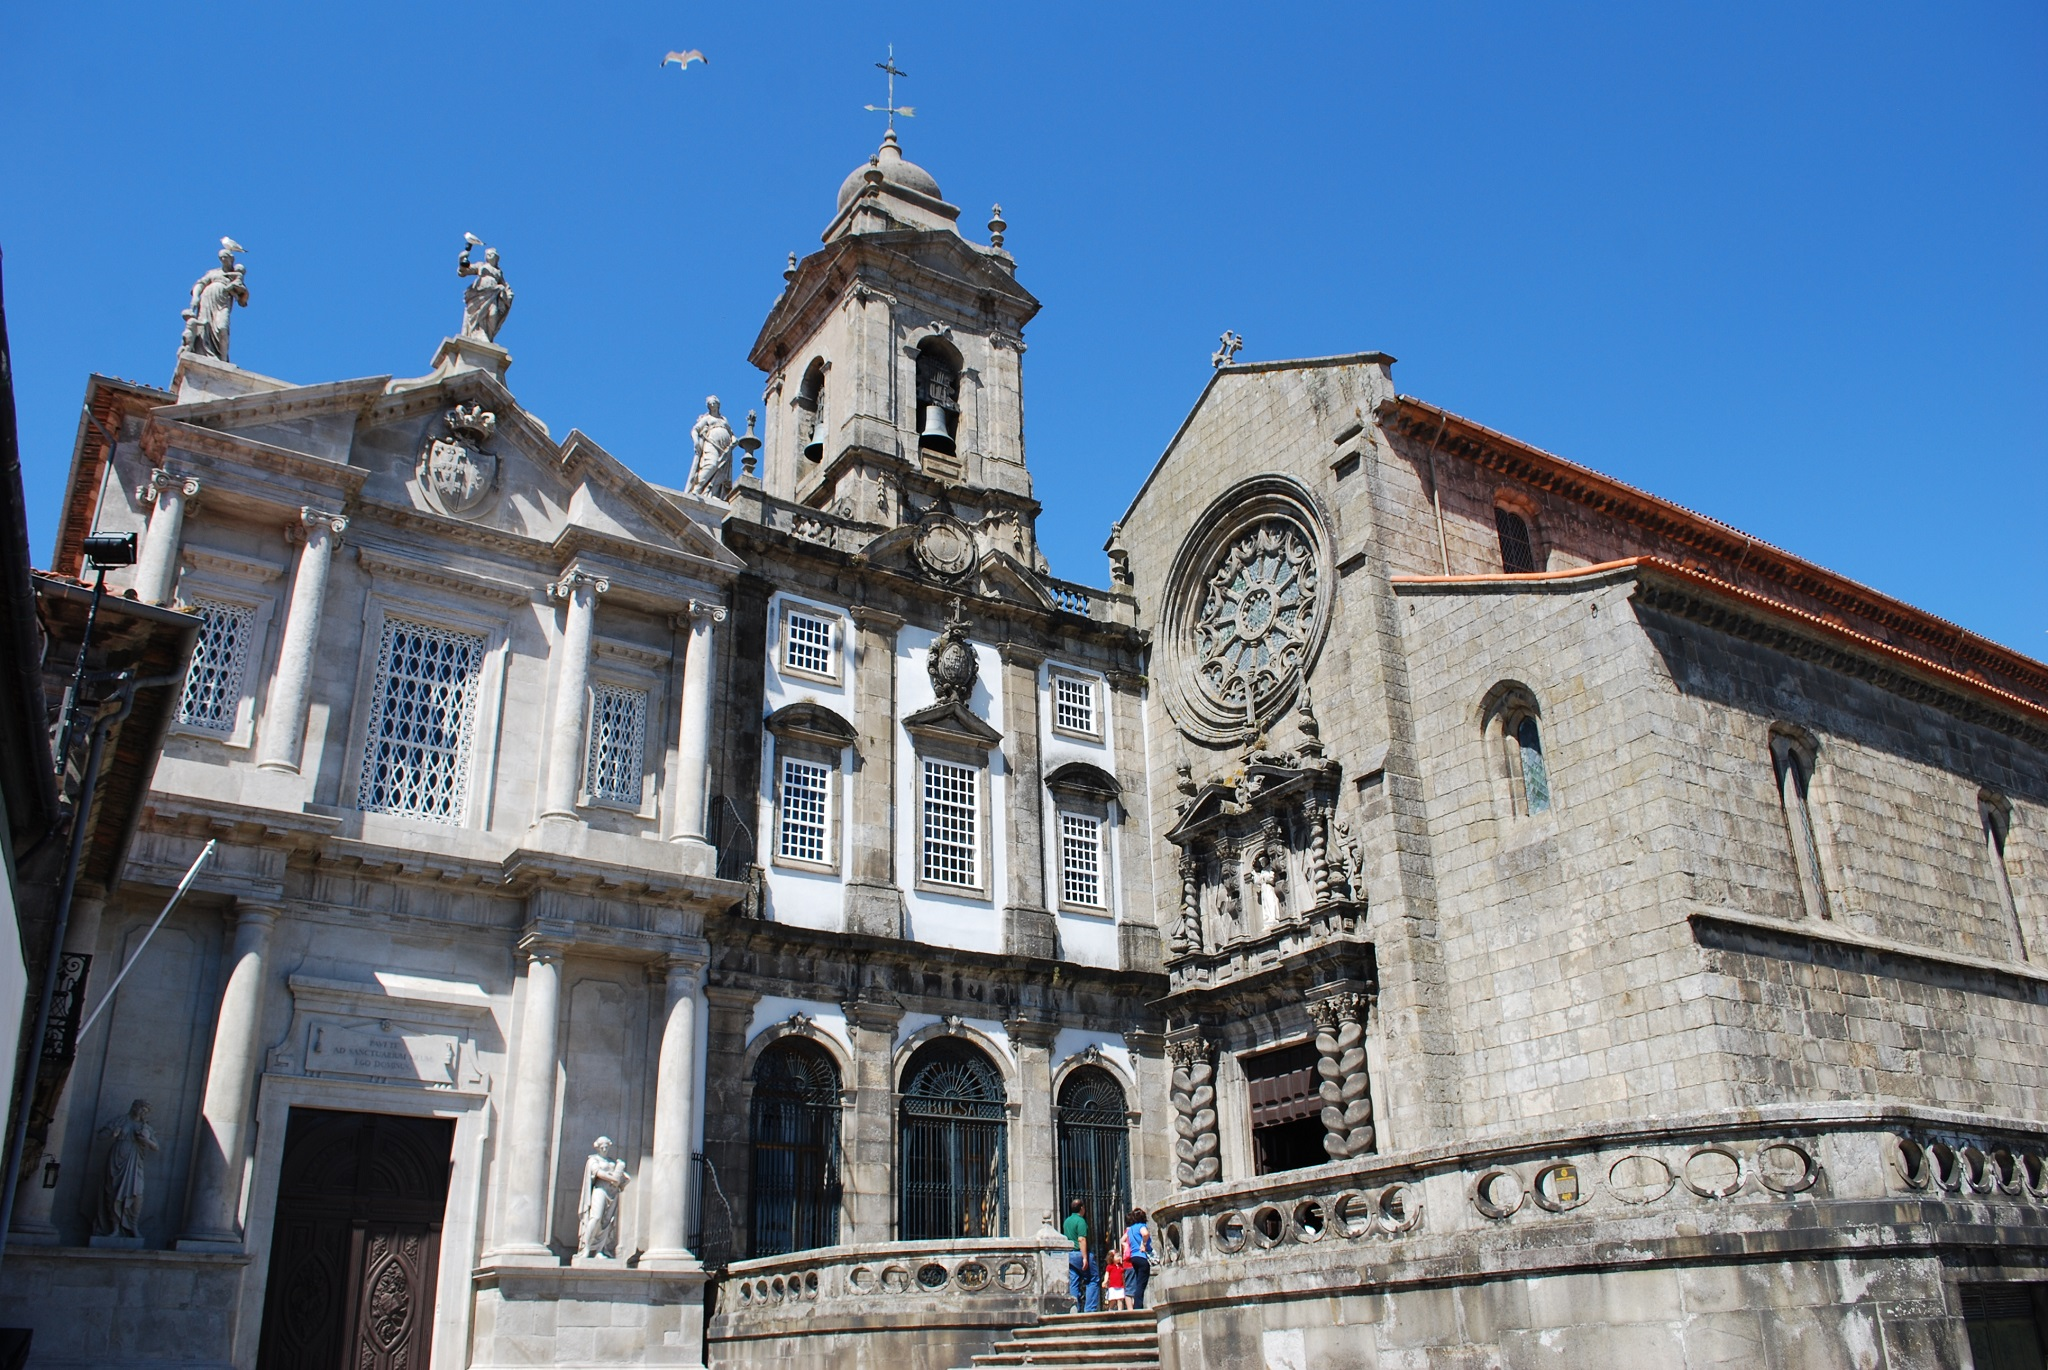 Facade eglise Sao Francisco - Porto